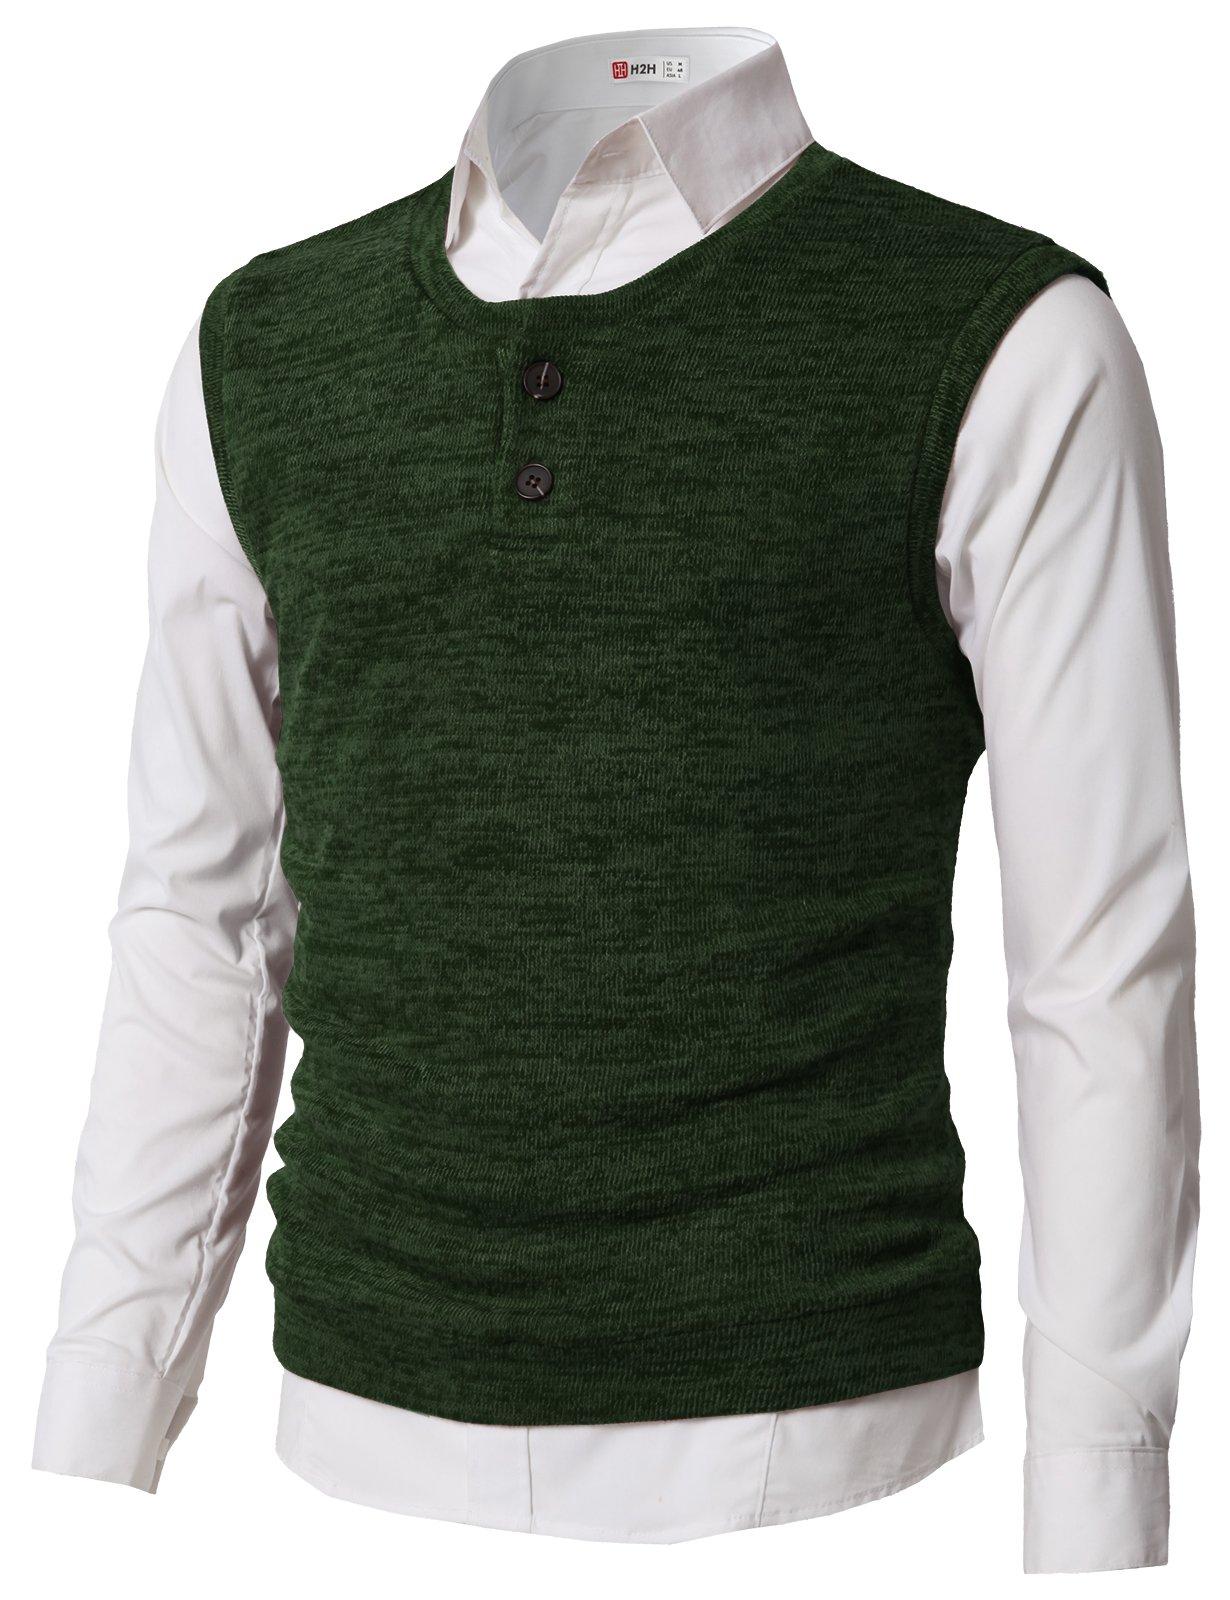 H2H Men's Fine Gauge Solid Sweater Vestt For Basic Wear Green US L/Asia XL (CMOV043)